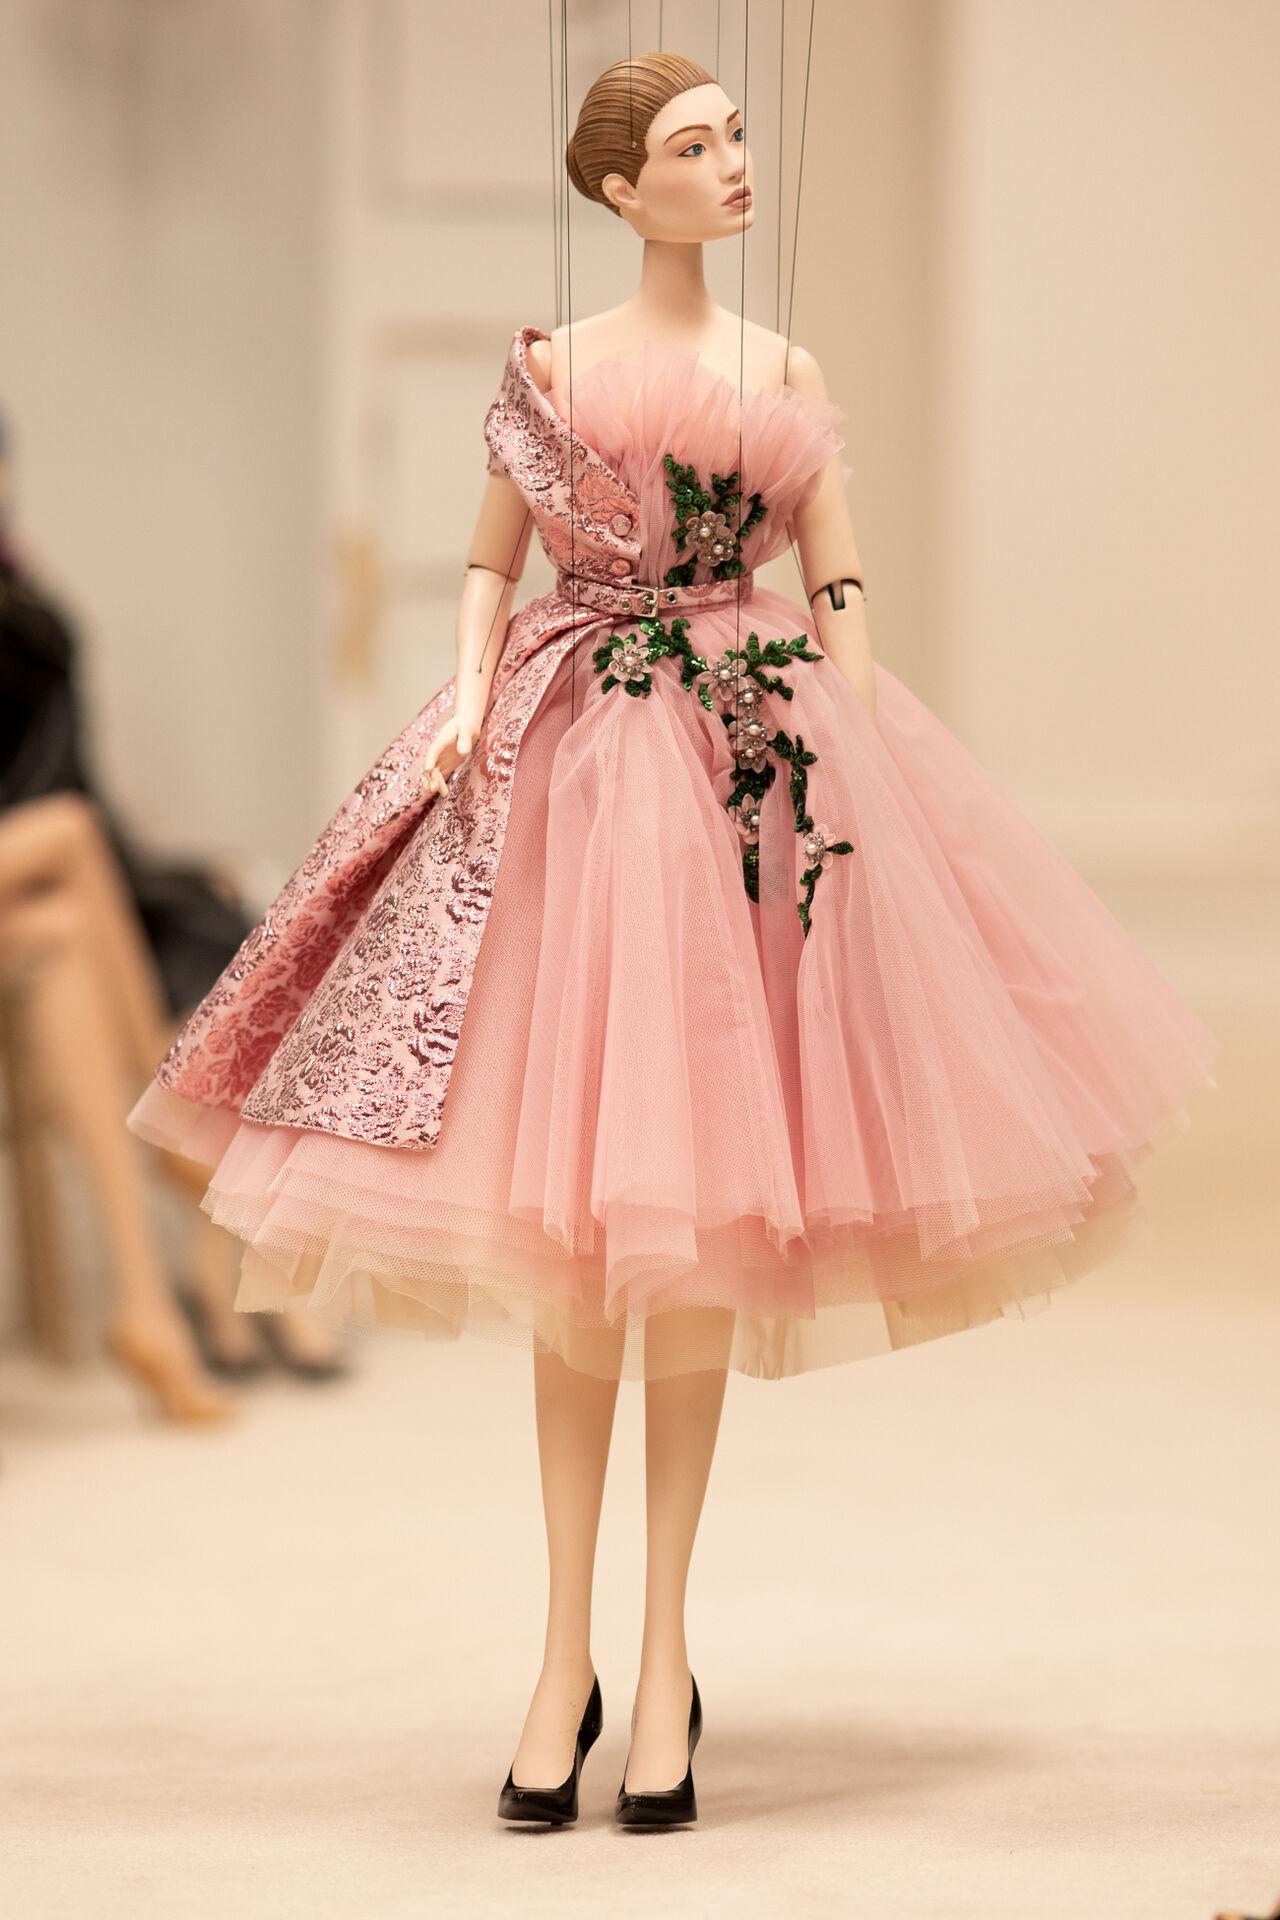 A puppet wearing a dress, walking down a runway.